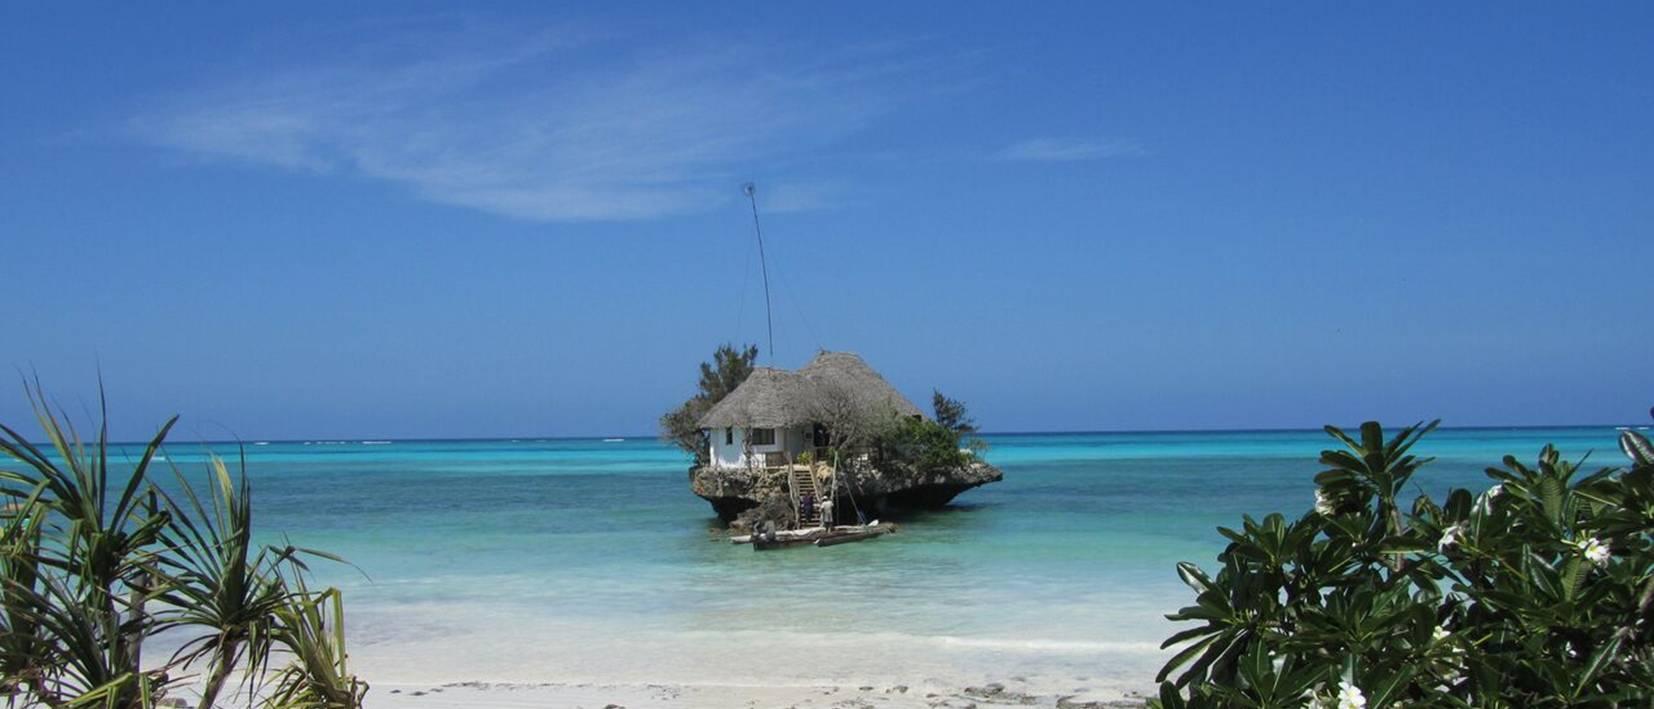 single house on island in blue ocean